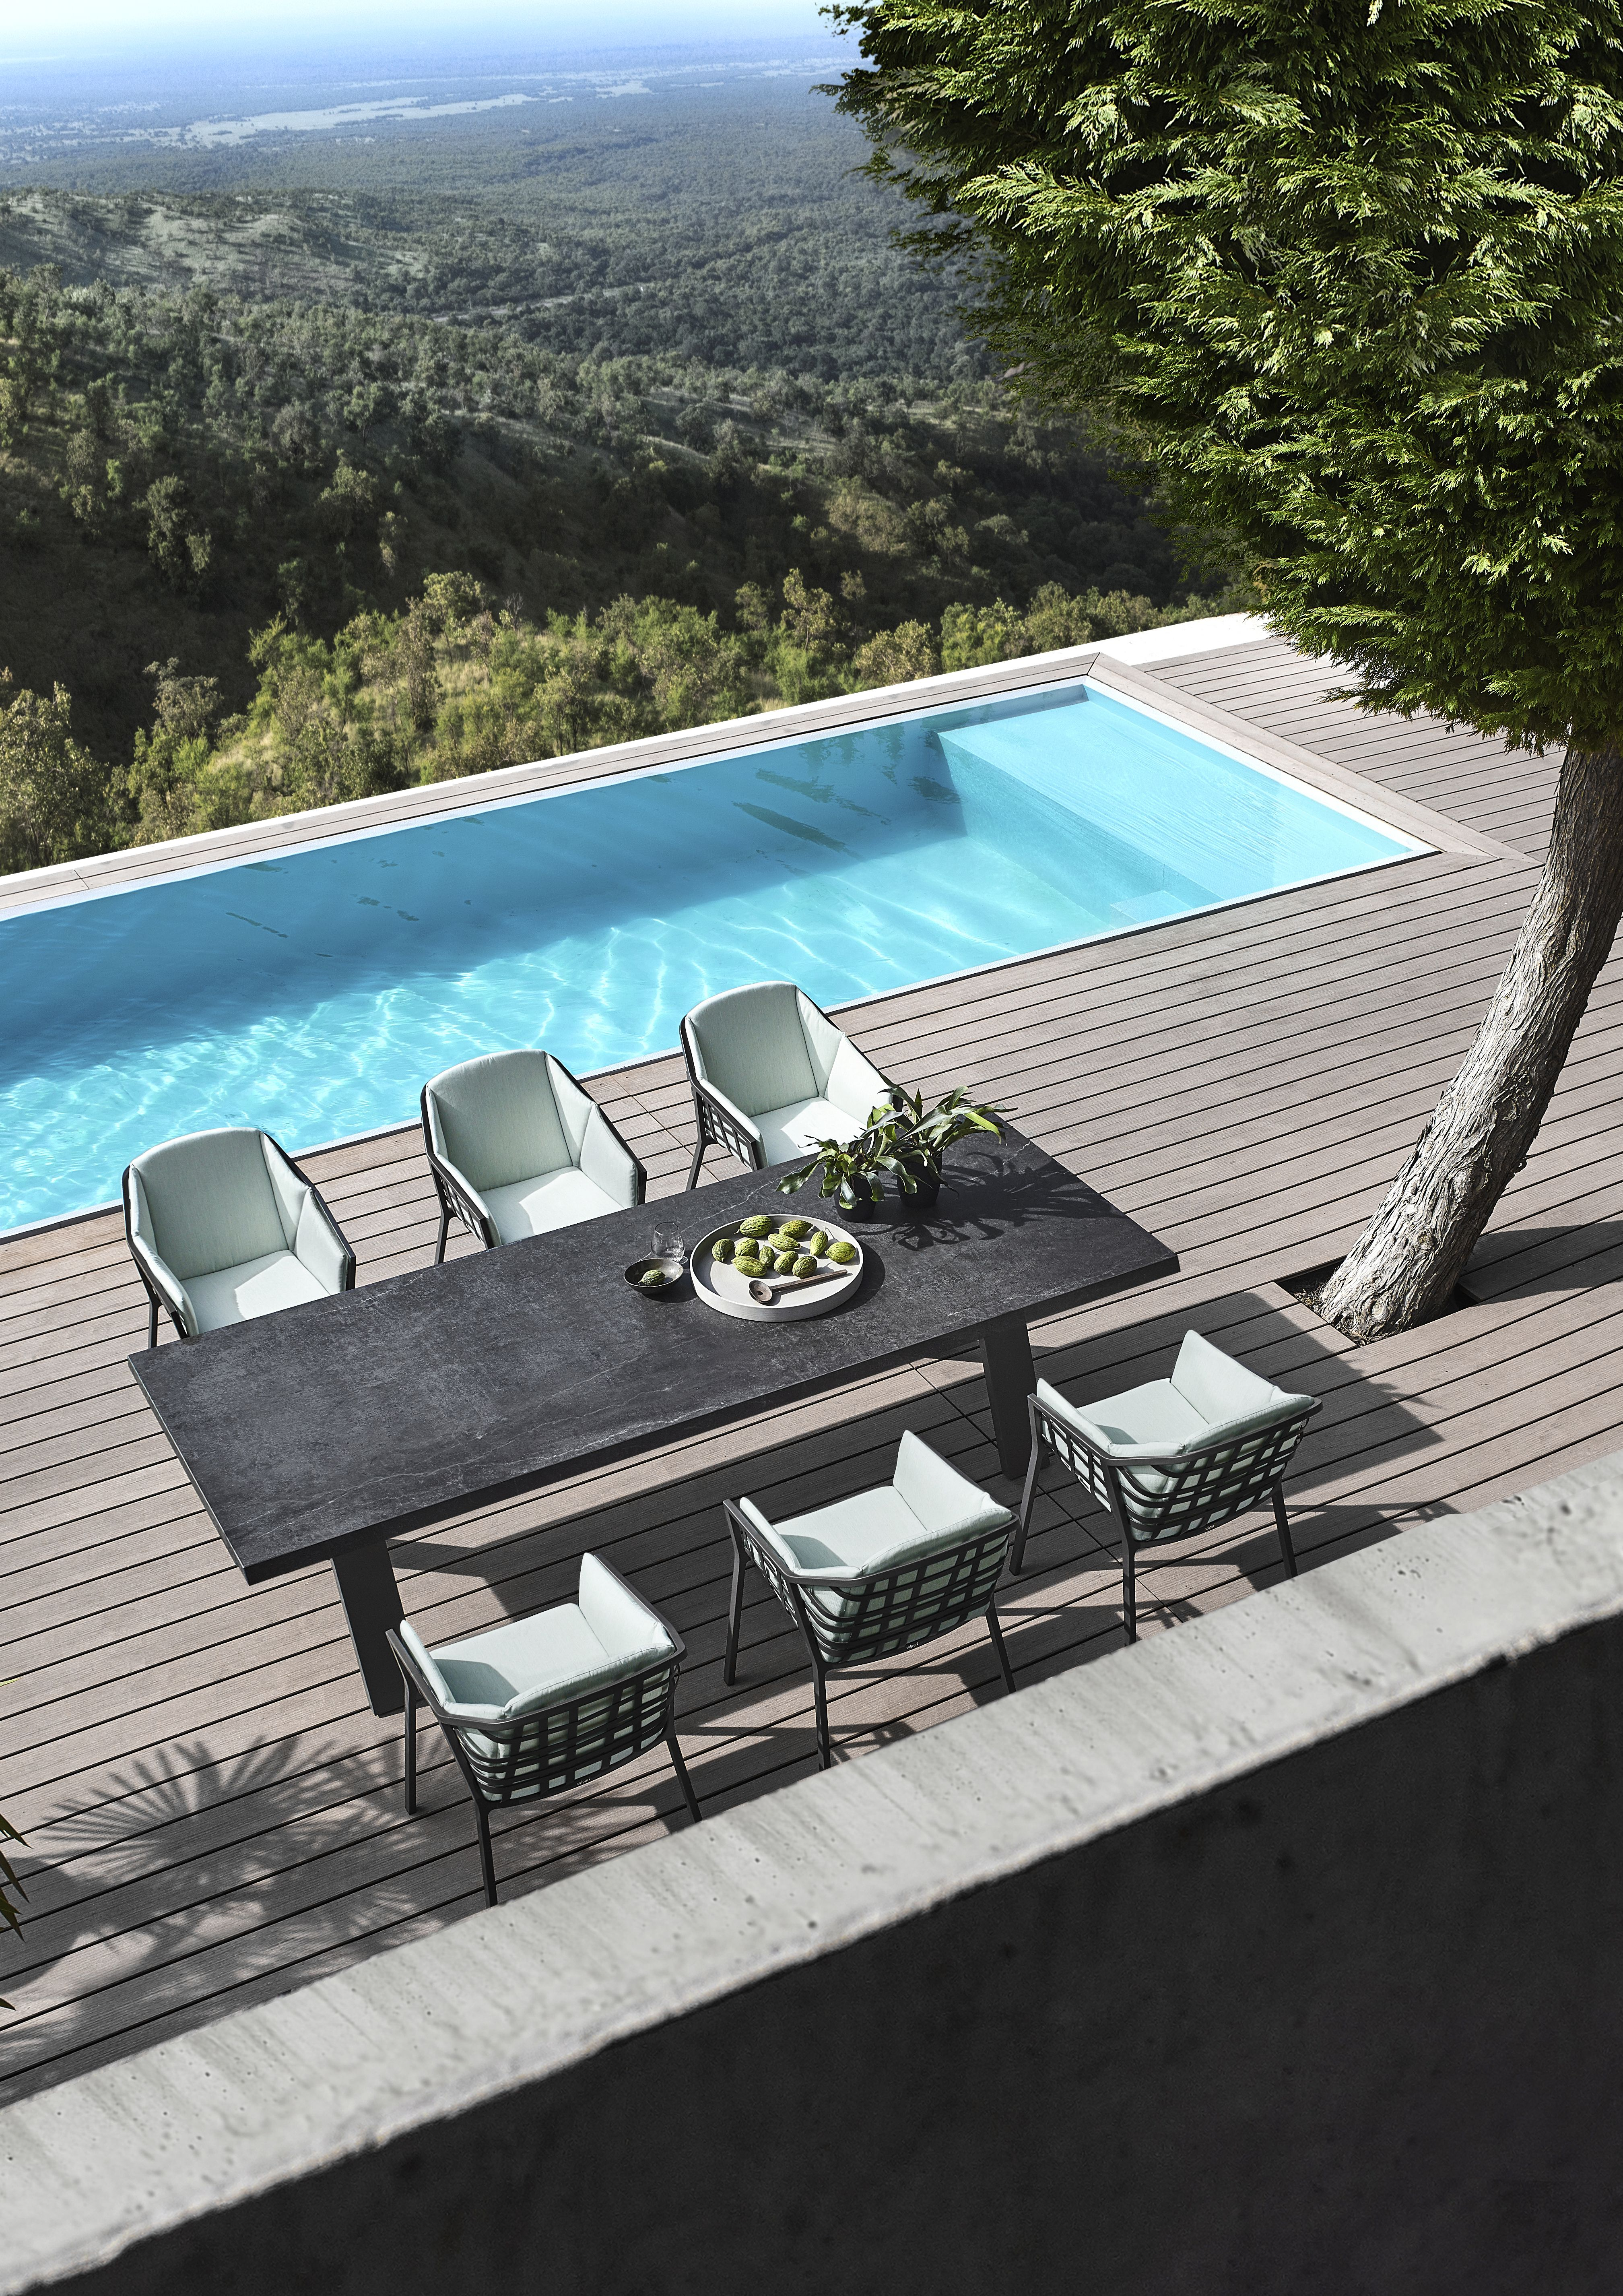 Solpuri Basket Solpuri Pool Traumgarten Gartentisch Gartenmobel Lounge Mobel